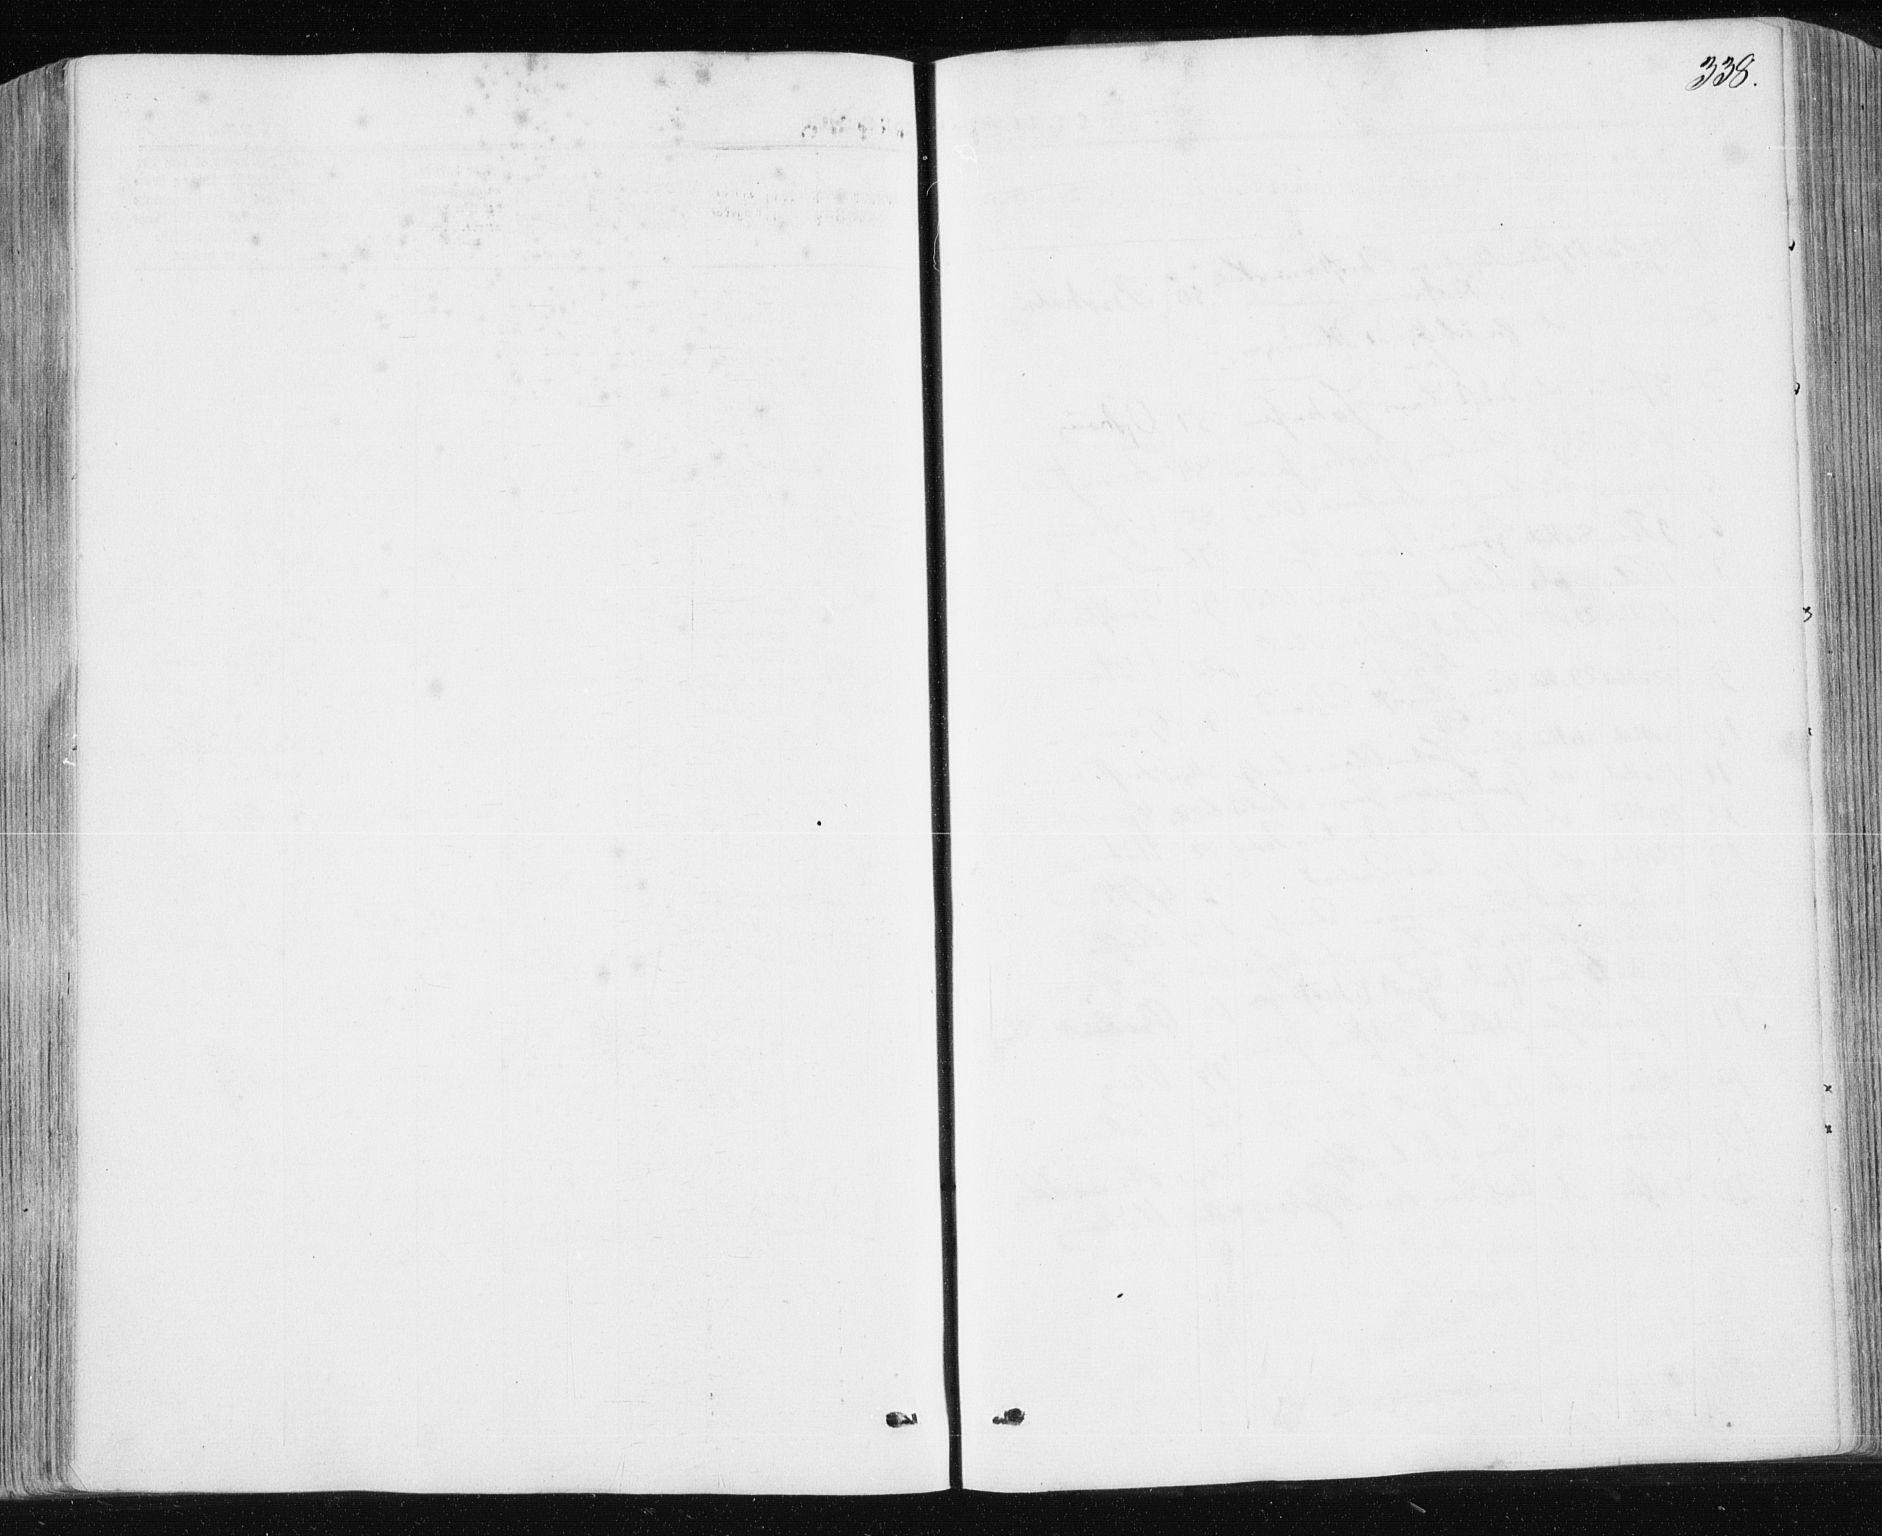 SAT, Ministerialprotokoller, klokkerbøker og fødselsregistre - Sør-Trøndelag, 659/L0737: Ministerialbok nr. 659A07, 1857-1875, s. 338